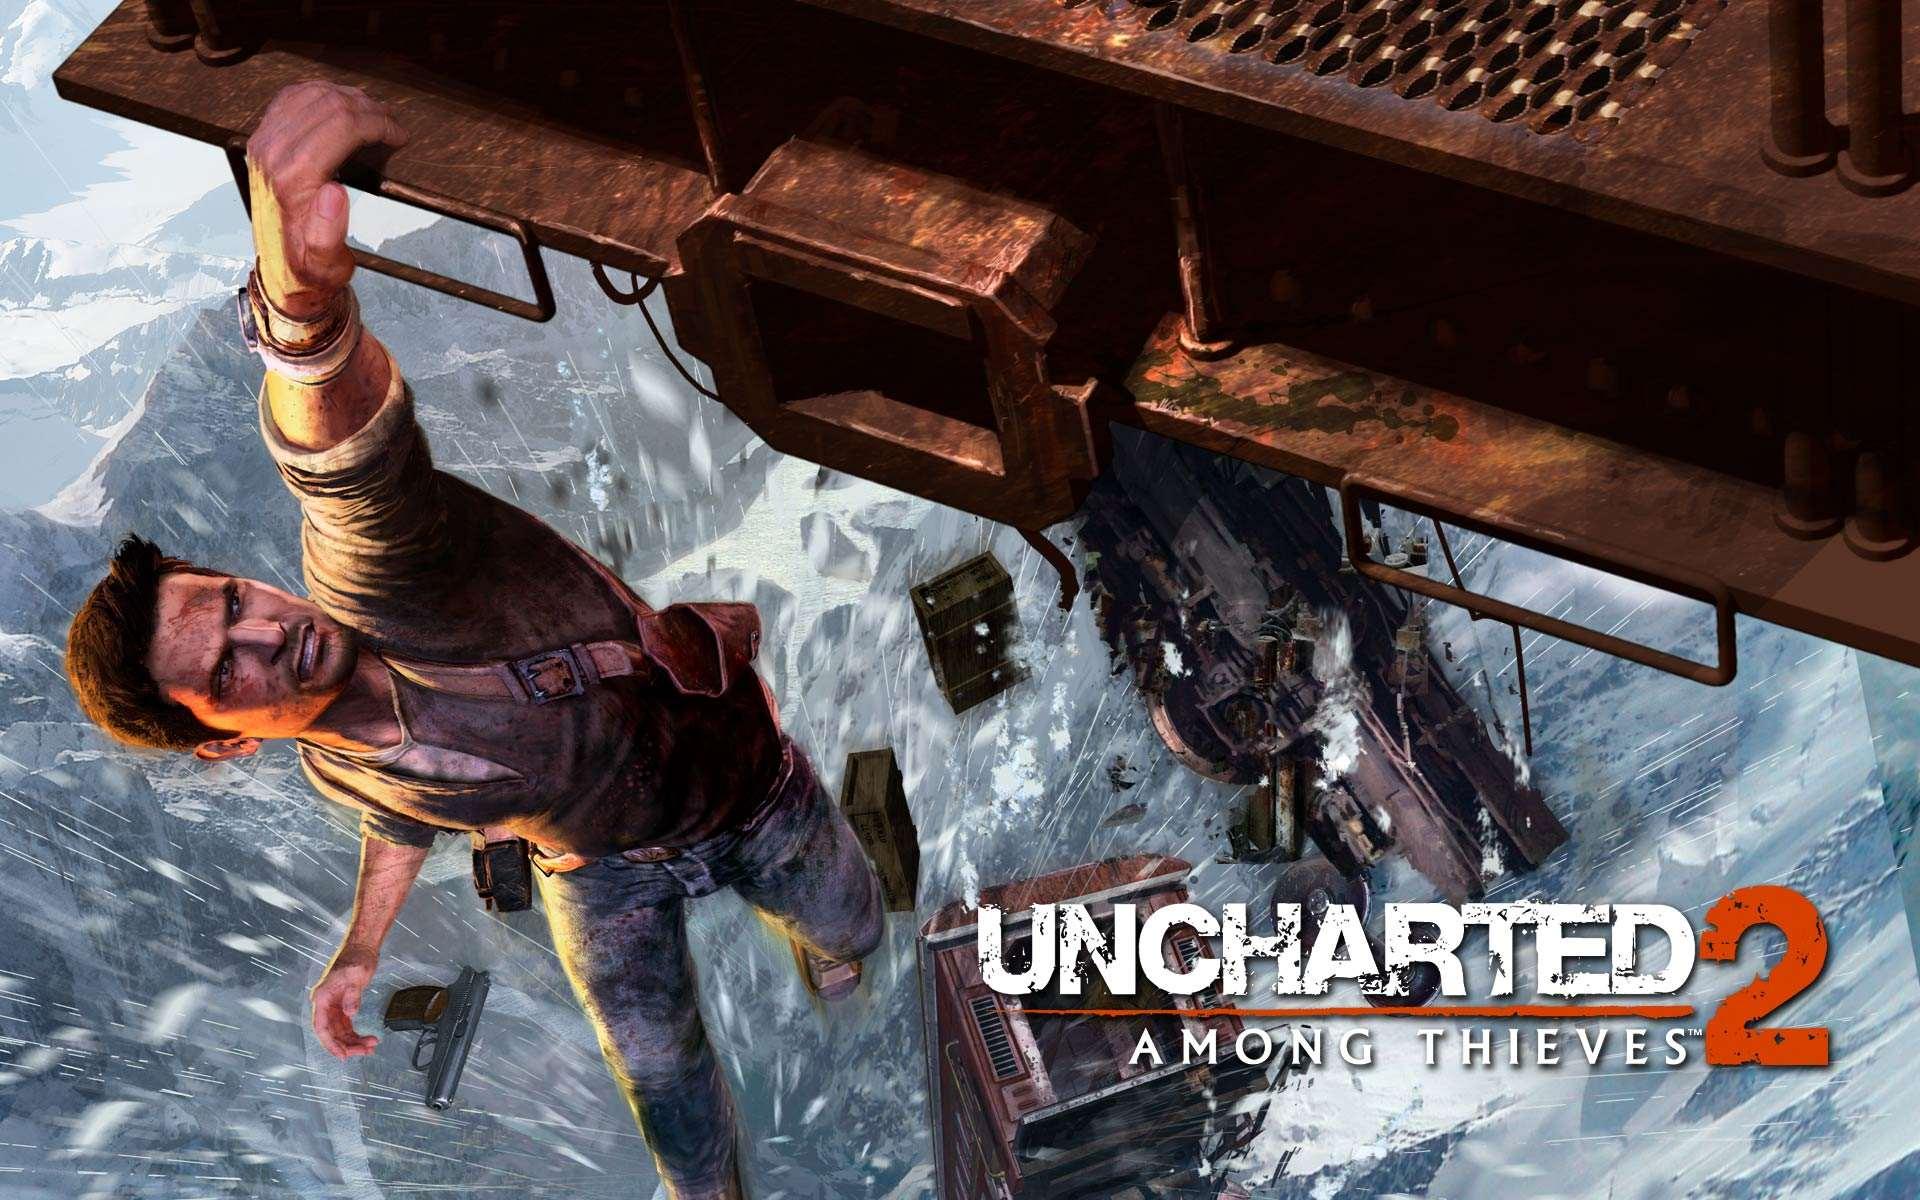 avis images du web pour Uncharted 2 Among Thieves sur Playstation 3 1920x1200